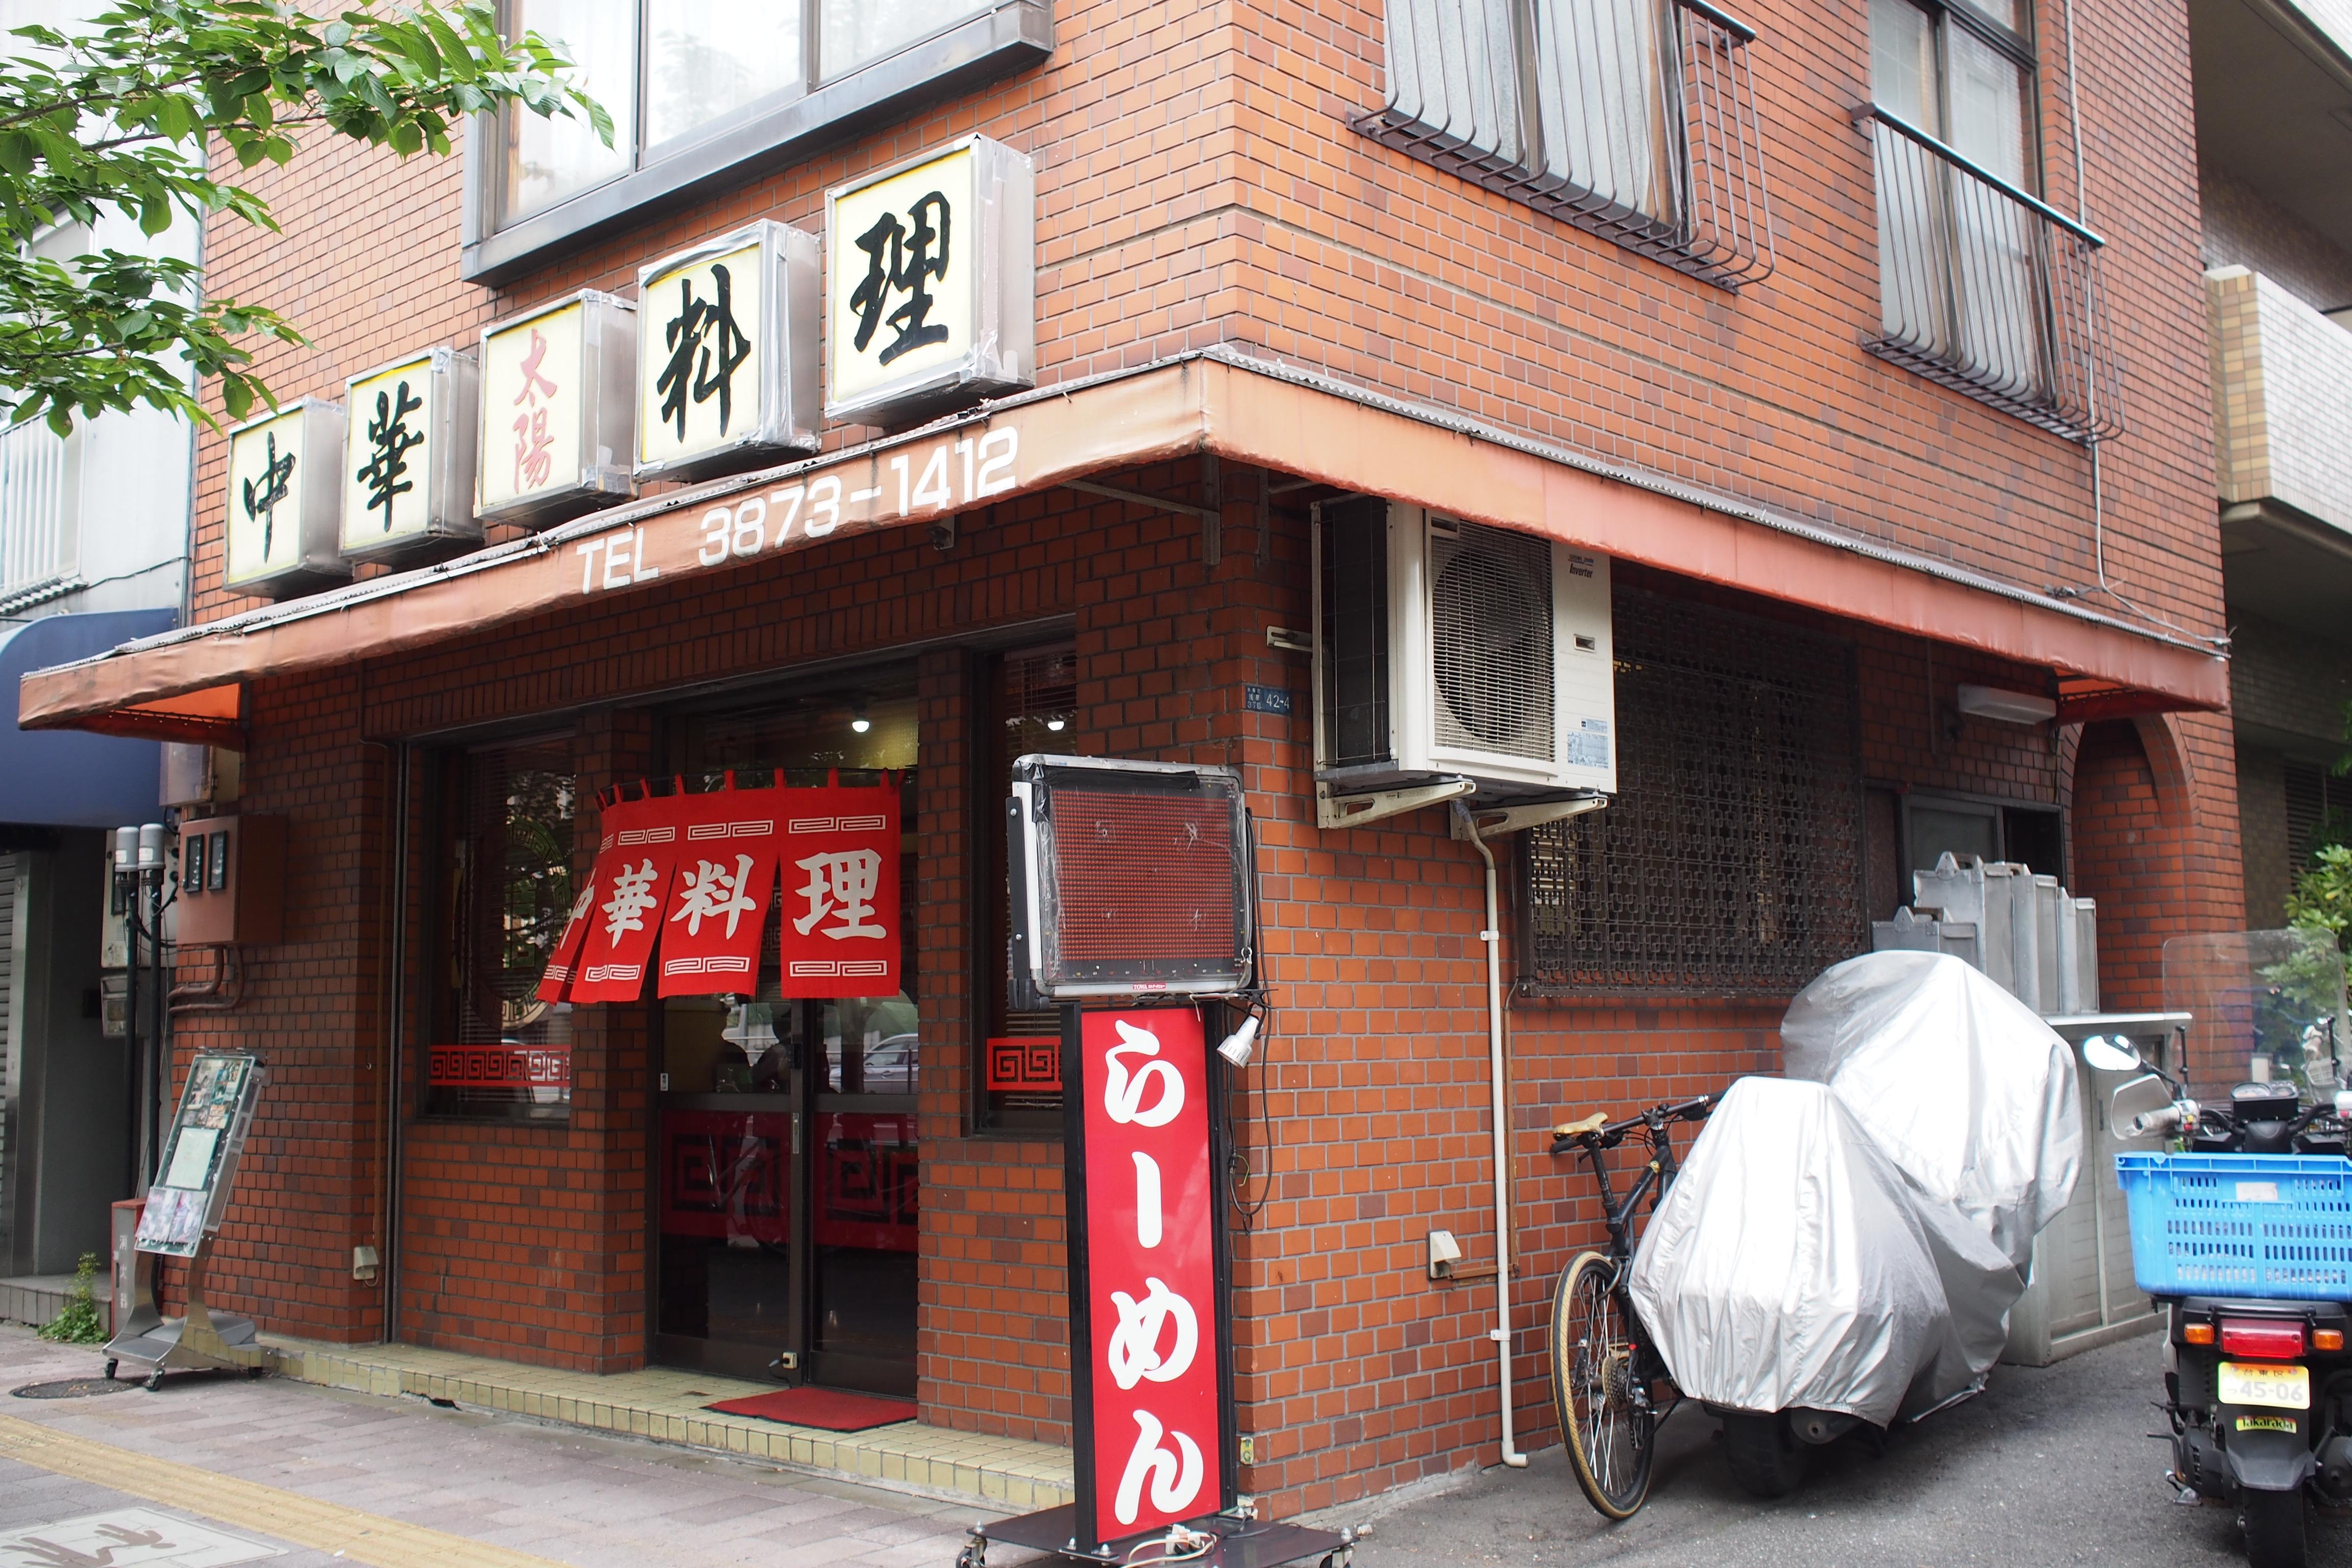 「中華料理 太陽(東京都台東区浅草3-42-4)」の画像検索結果